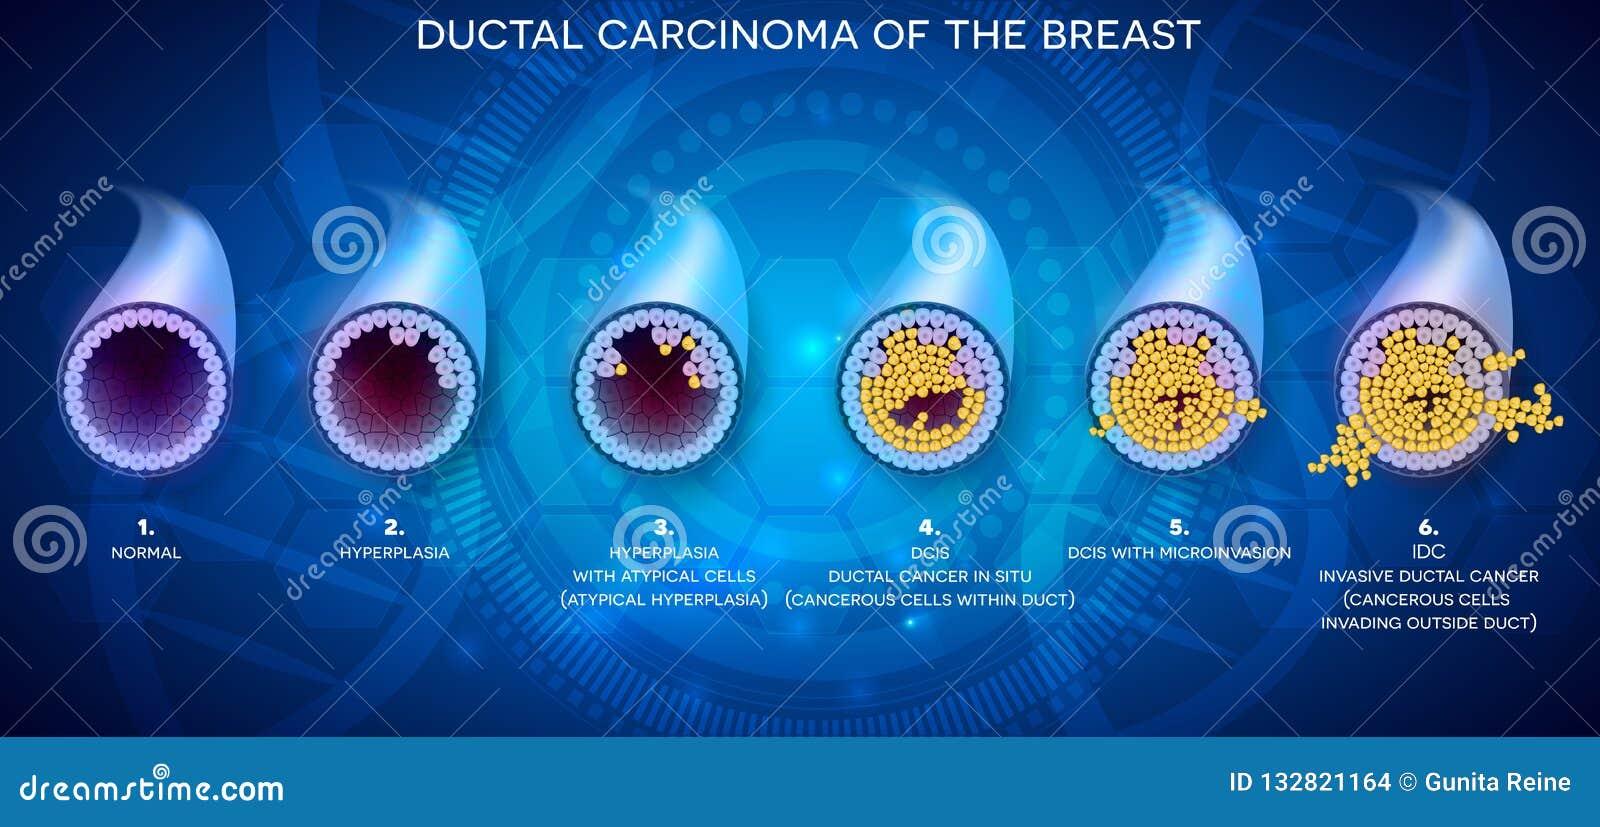 Desarrollo ductal del carcinoma